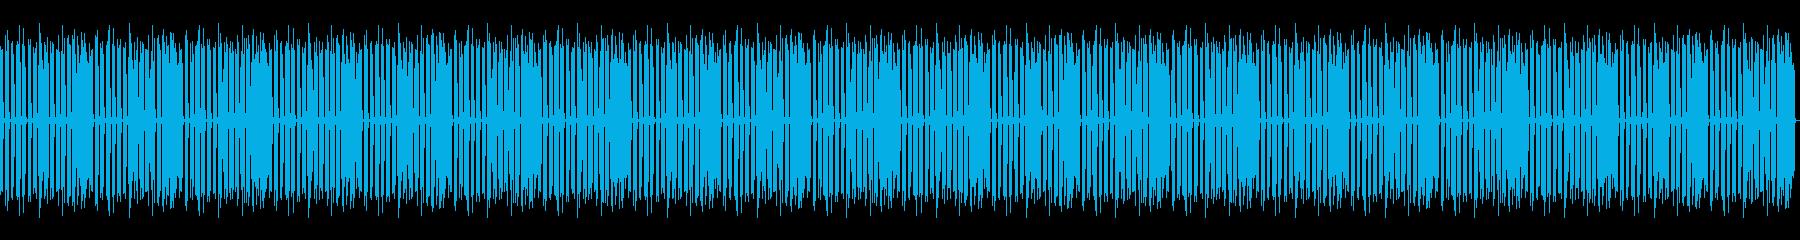 知育・シンプル・パズル・日常ピアノ37Lの再生済みの波形